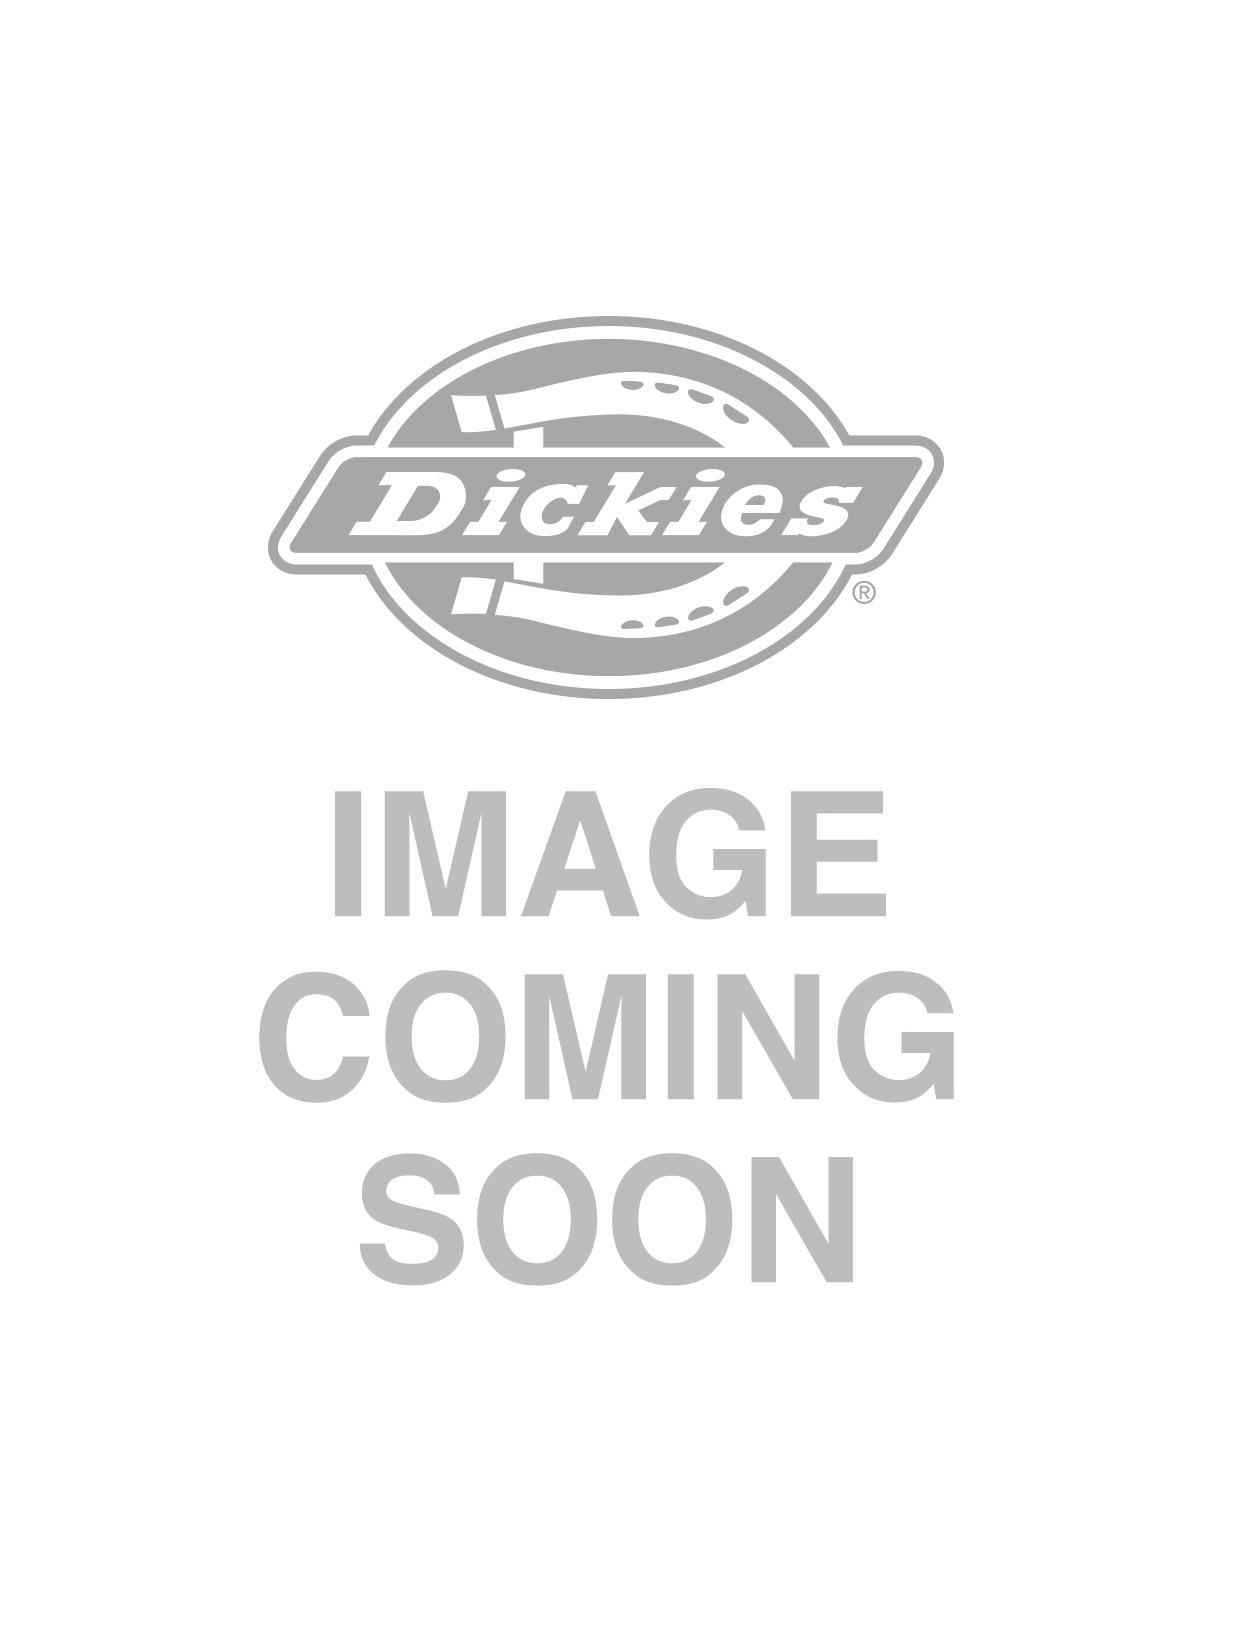 Chokio Shirt